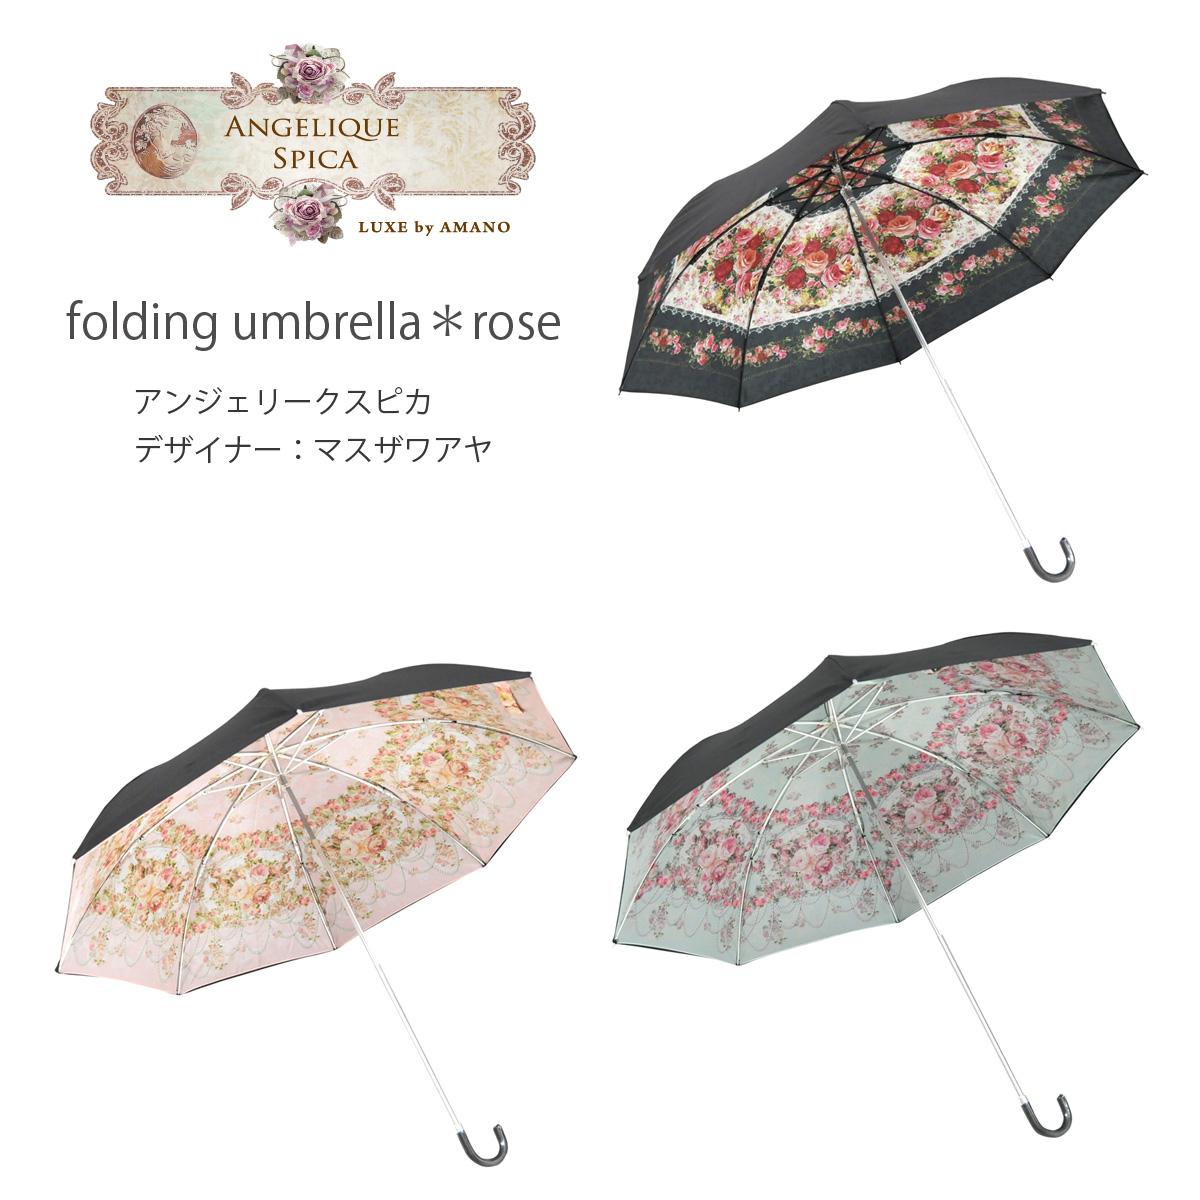 <AMANO>【ANGELIQUE SPICA】晴雨兼用二重張り折りたたみ傘・ローズ柄3種